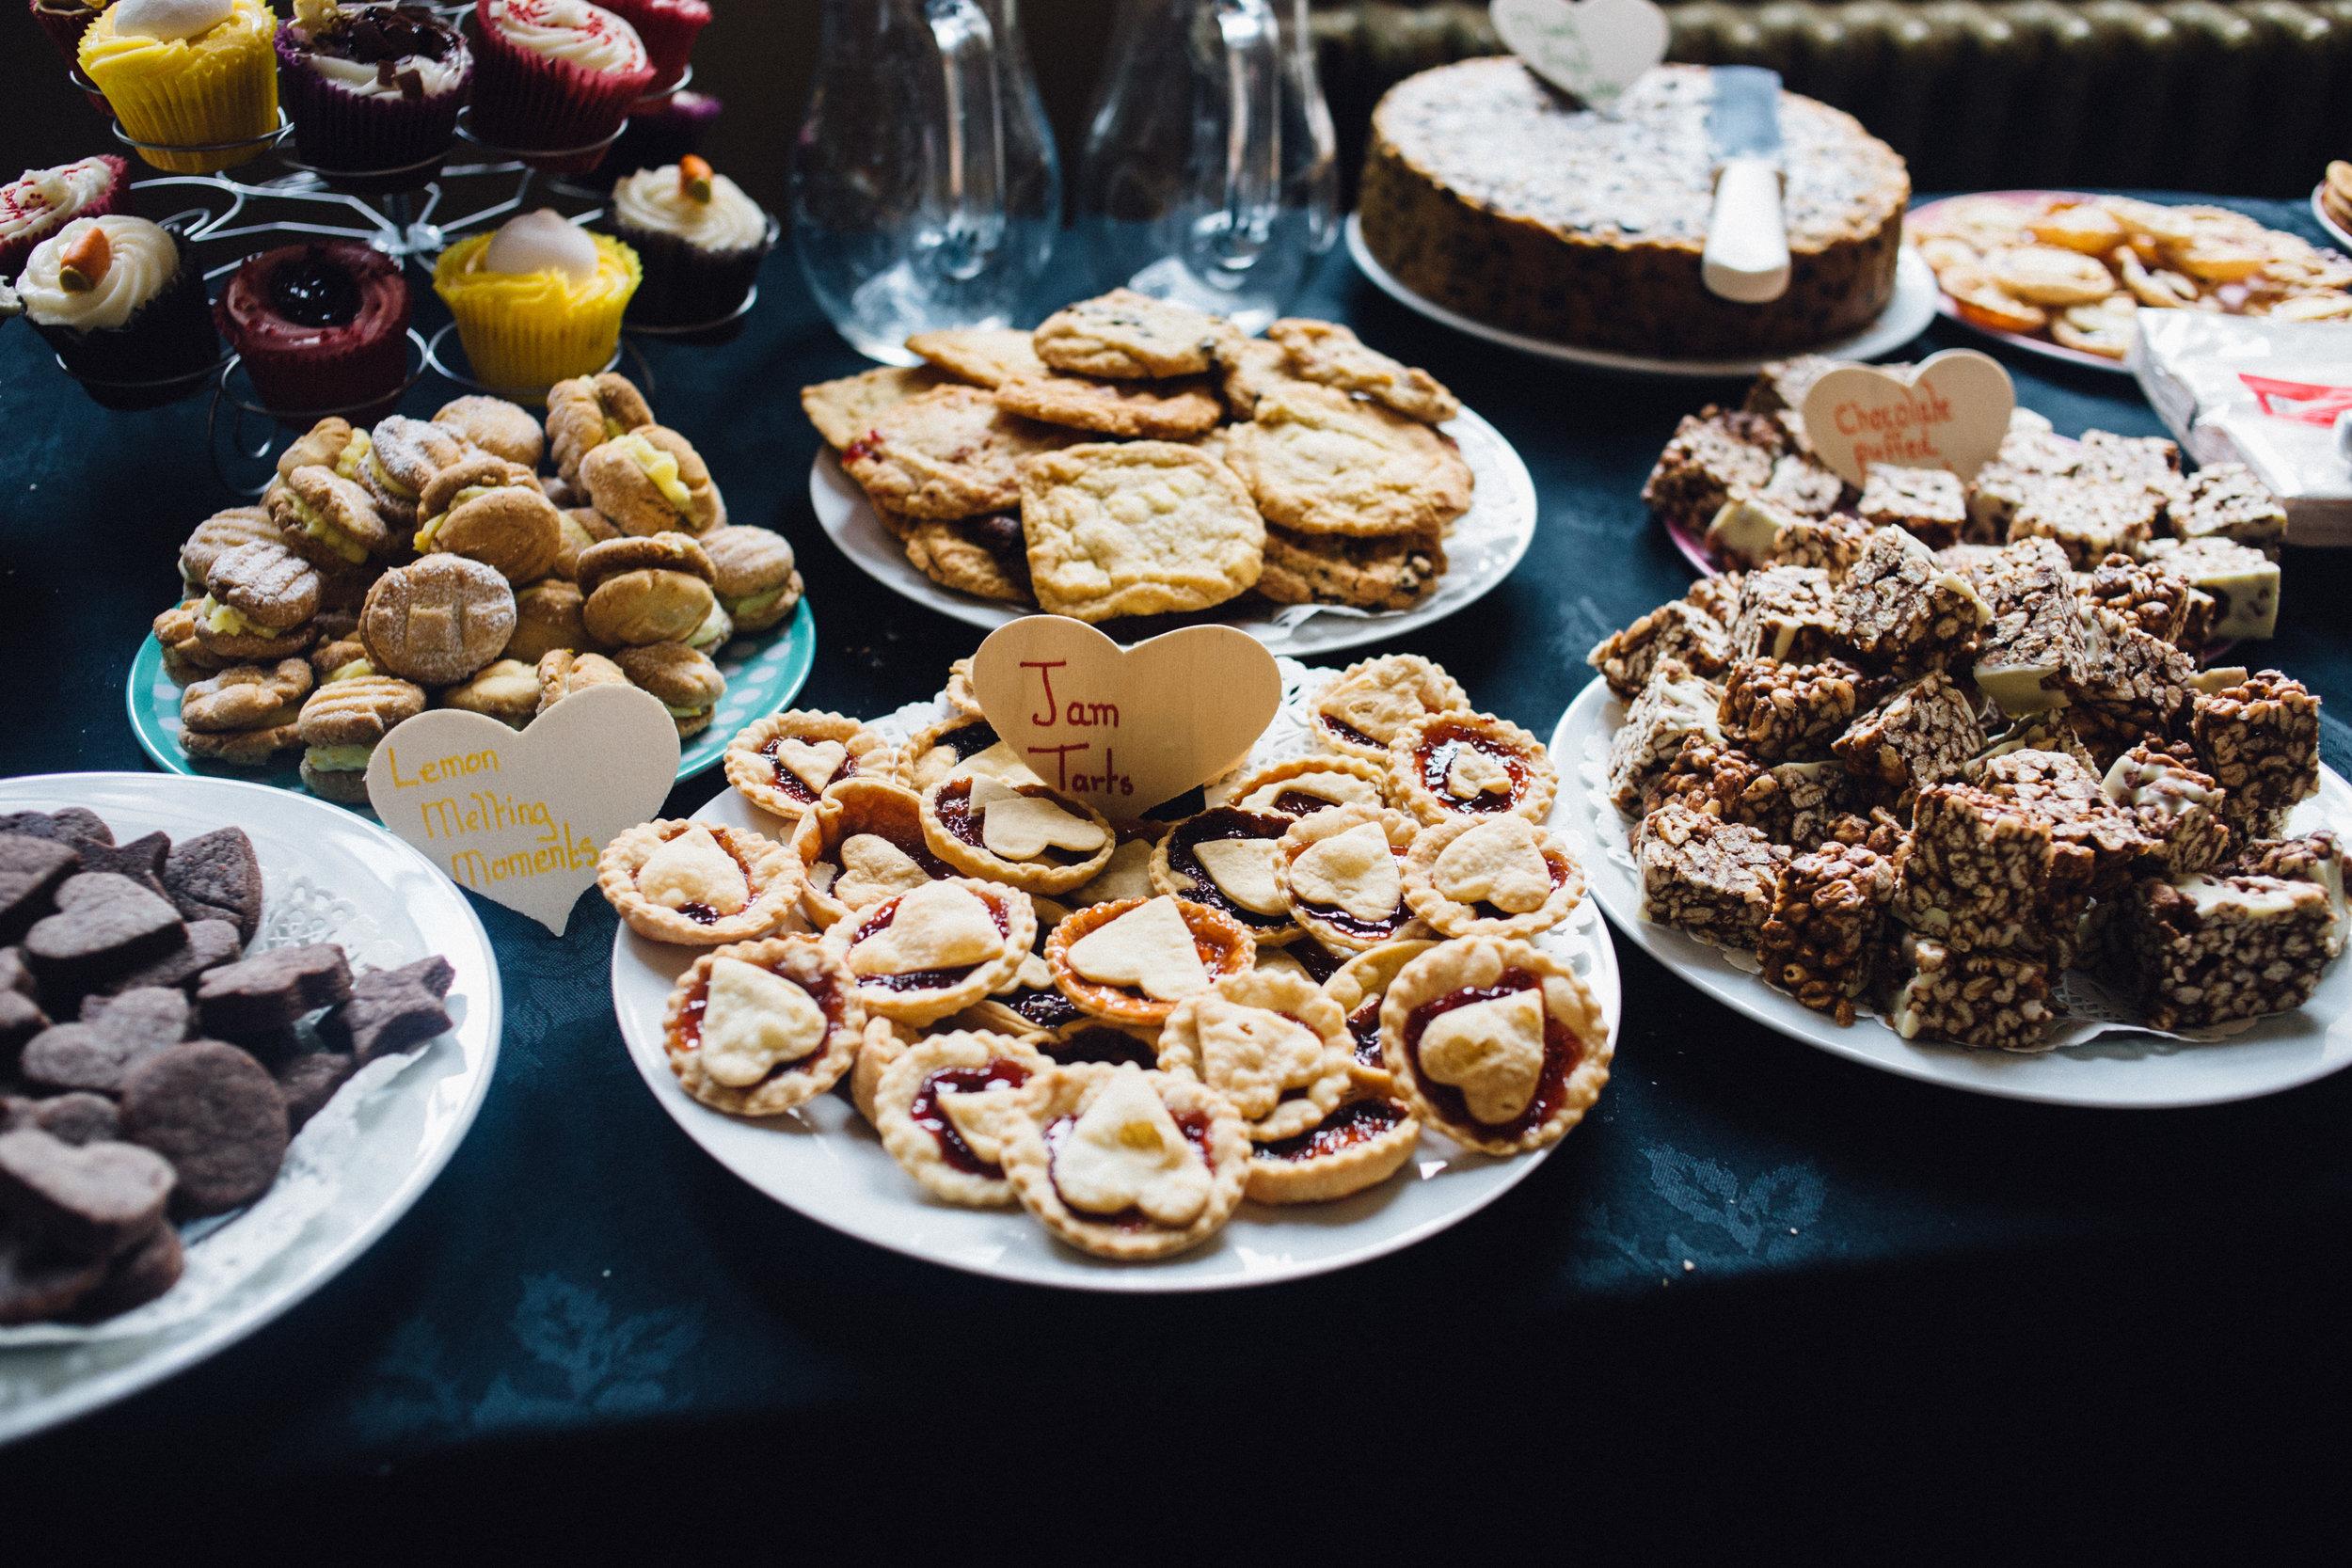 Alternative Wedding Food Ideas - Dessert Table